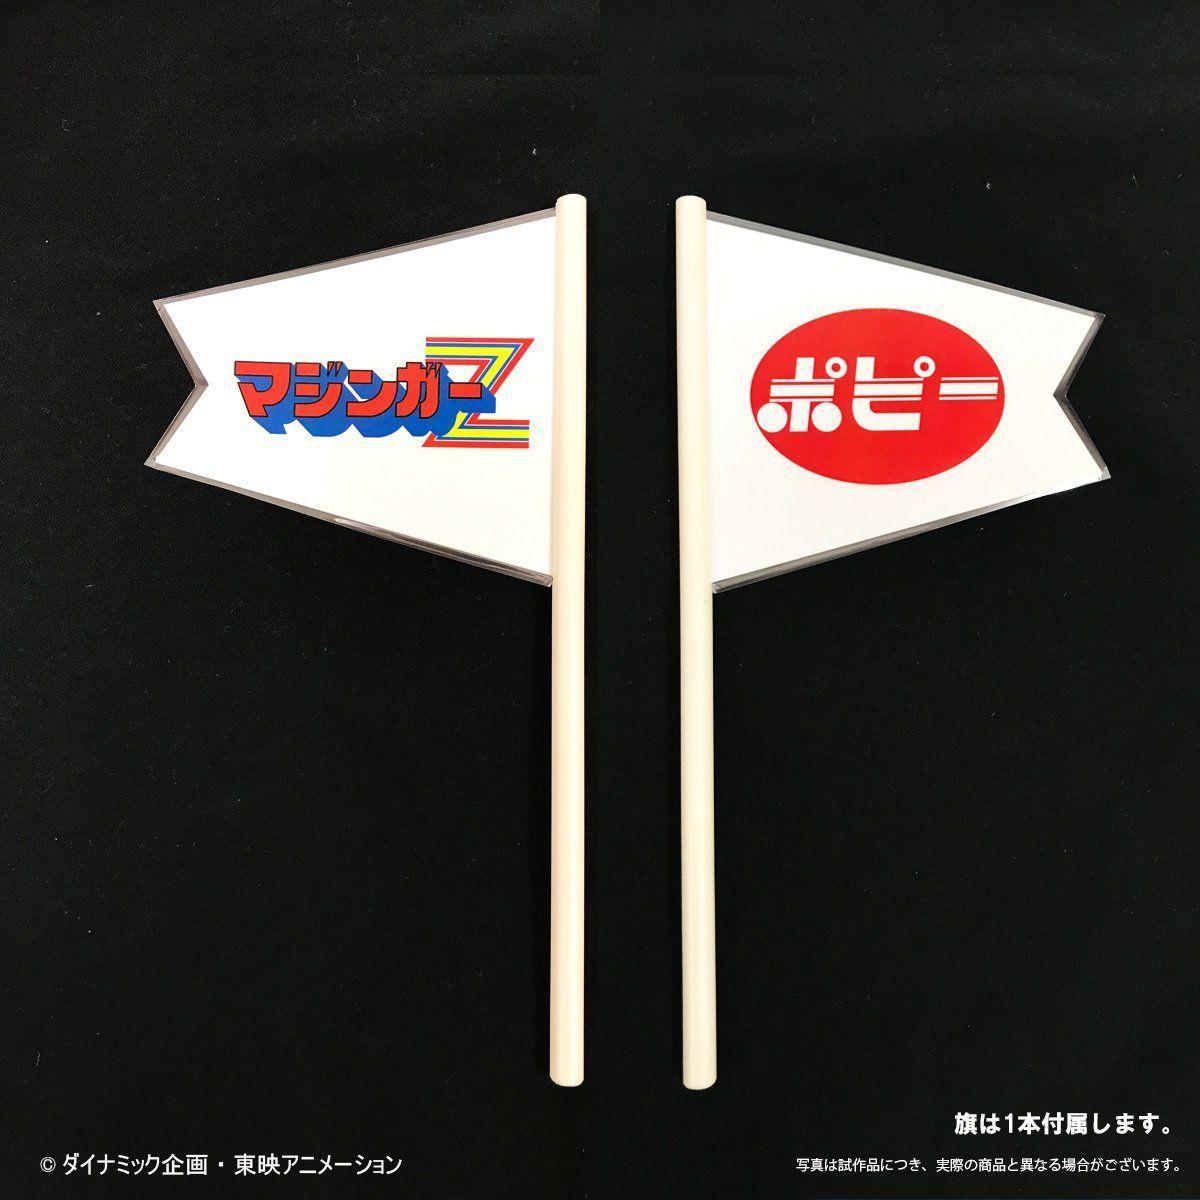 【限定販売】マジンガーZ『ポピー店頭用ジャンボマジンガーZ Aタイプ』ソフビ-009